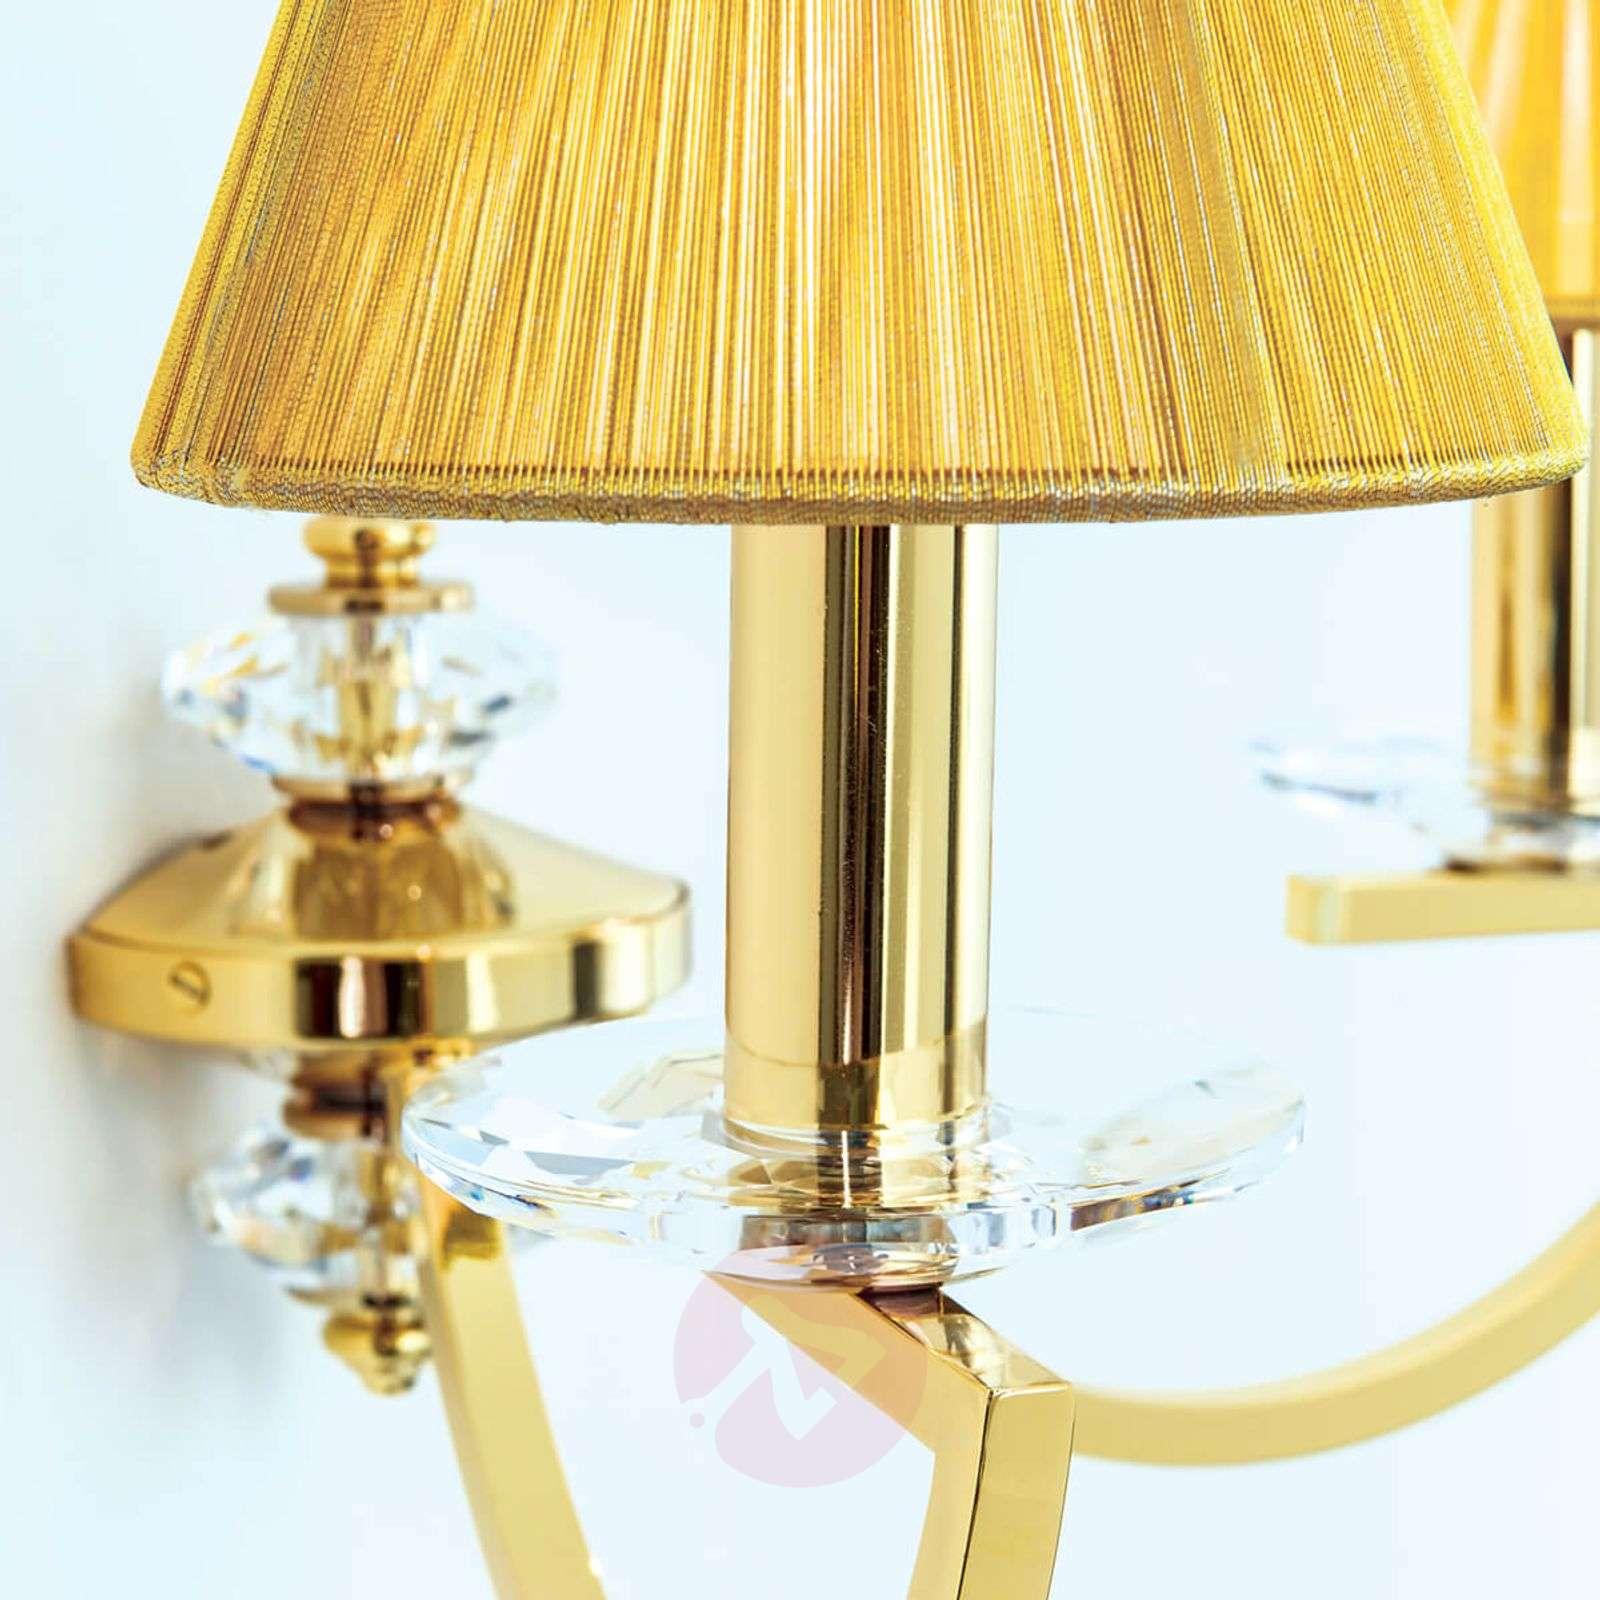 Kaksilamppuinen Avala-seinävalo, kultapinnoitus-7255246-01